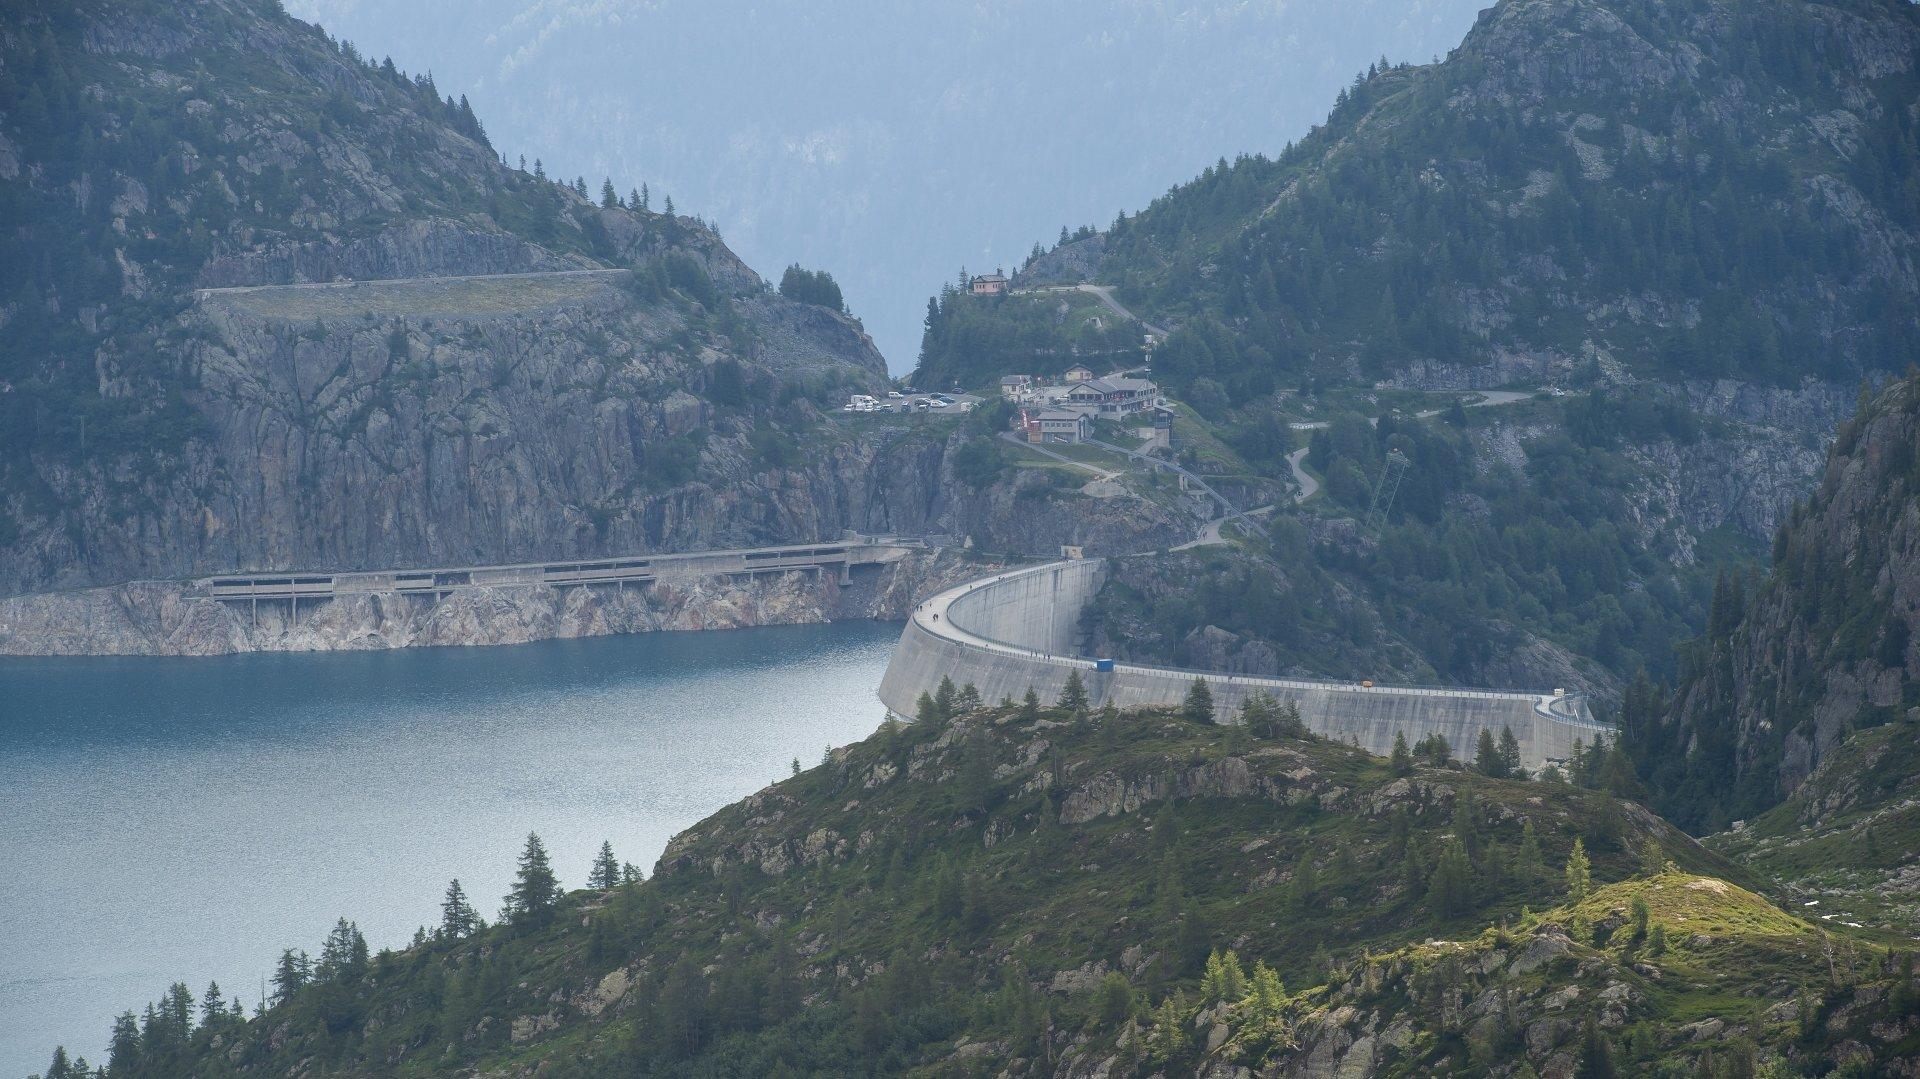 Les installations hydroélectriques, ici le barrage d'Emosson, rapportent des millions aux collectivités publiques.